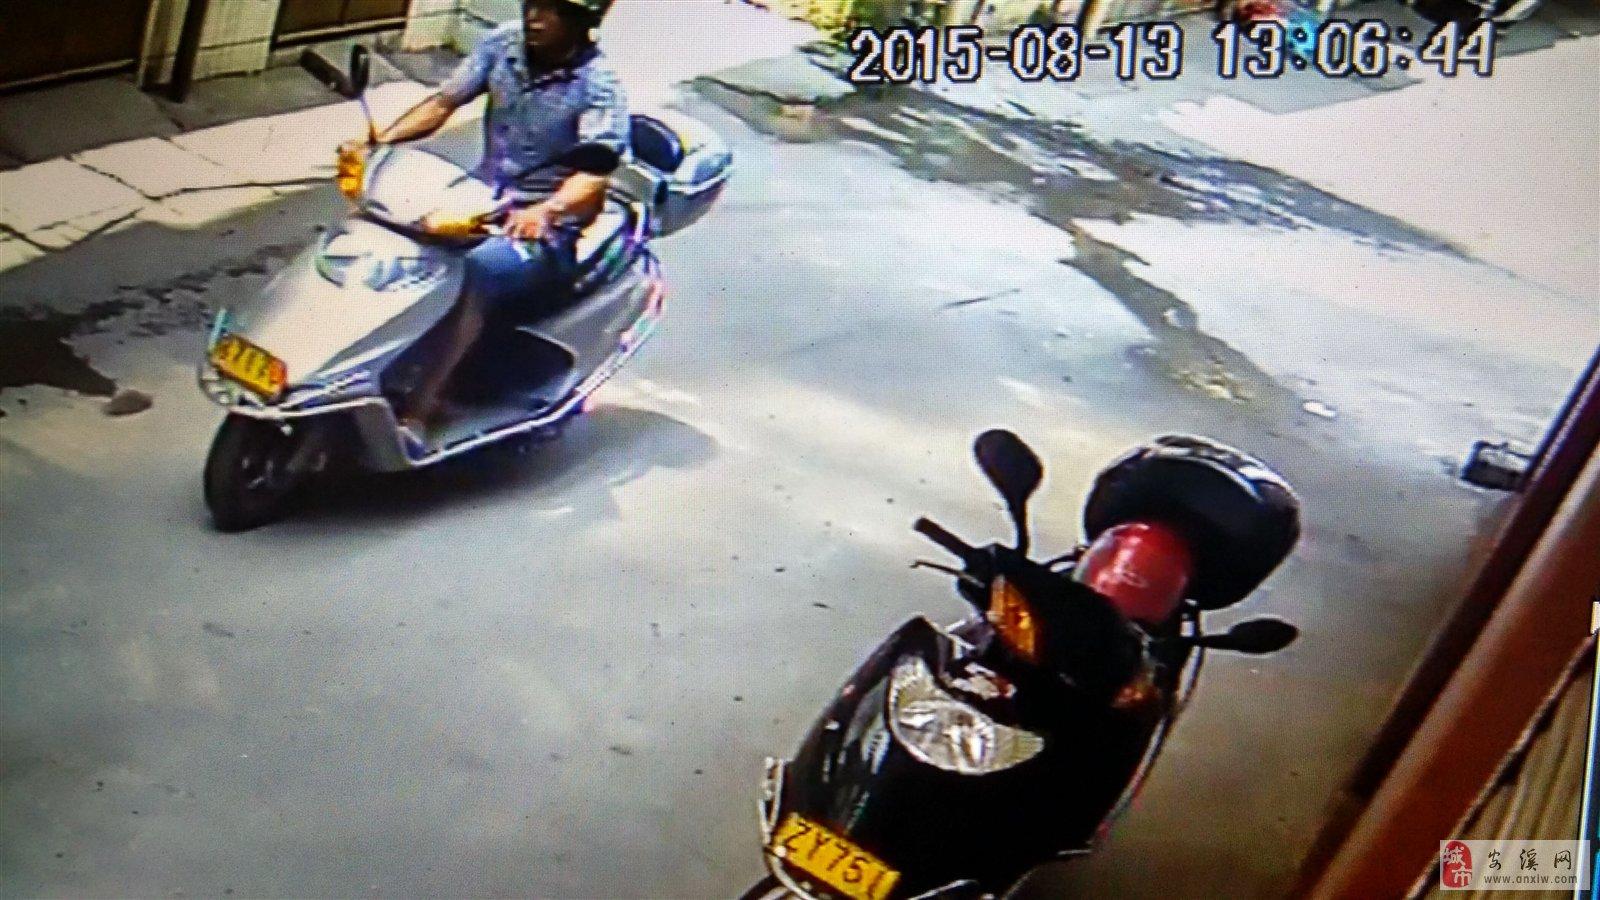 【悬赏征集贼人高清相片及相关信息】安溪的朋友注意这个偷车贼